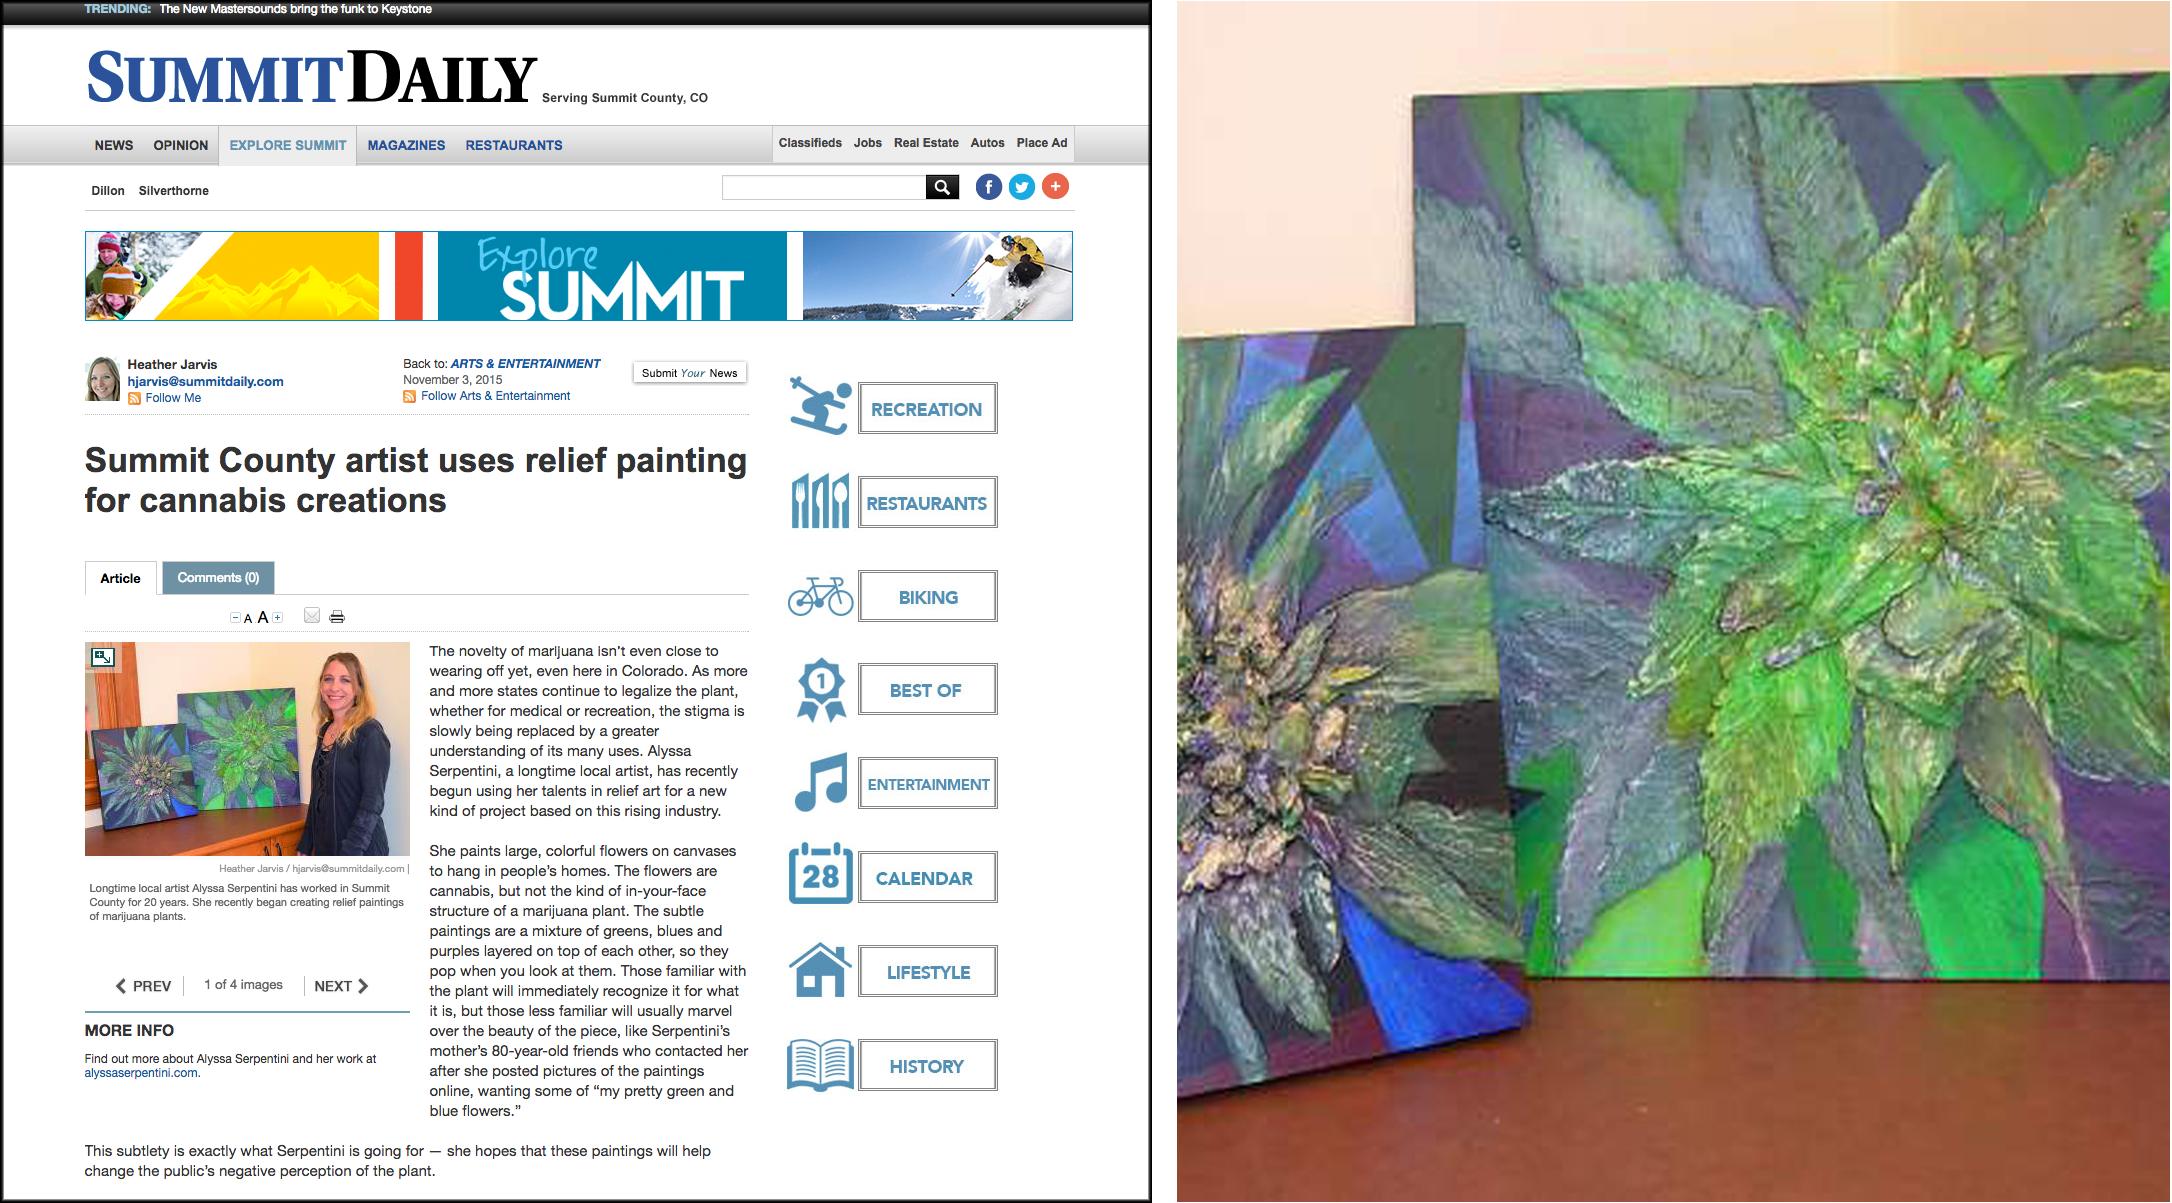 Summit Daily News - November 5th, 2015